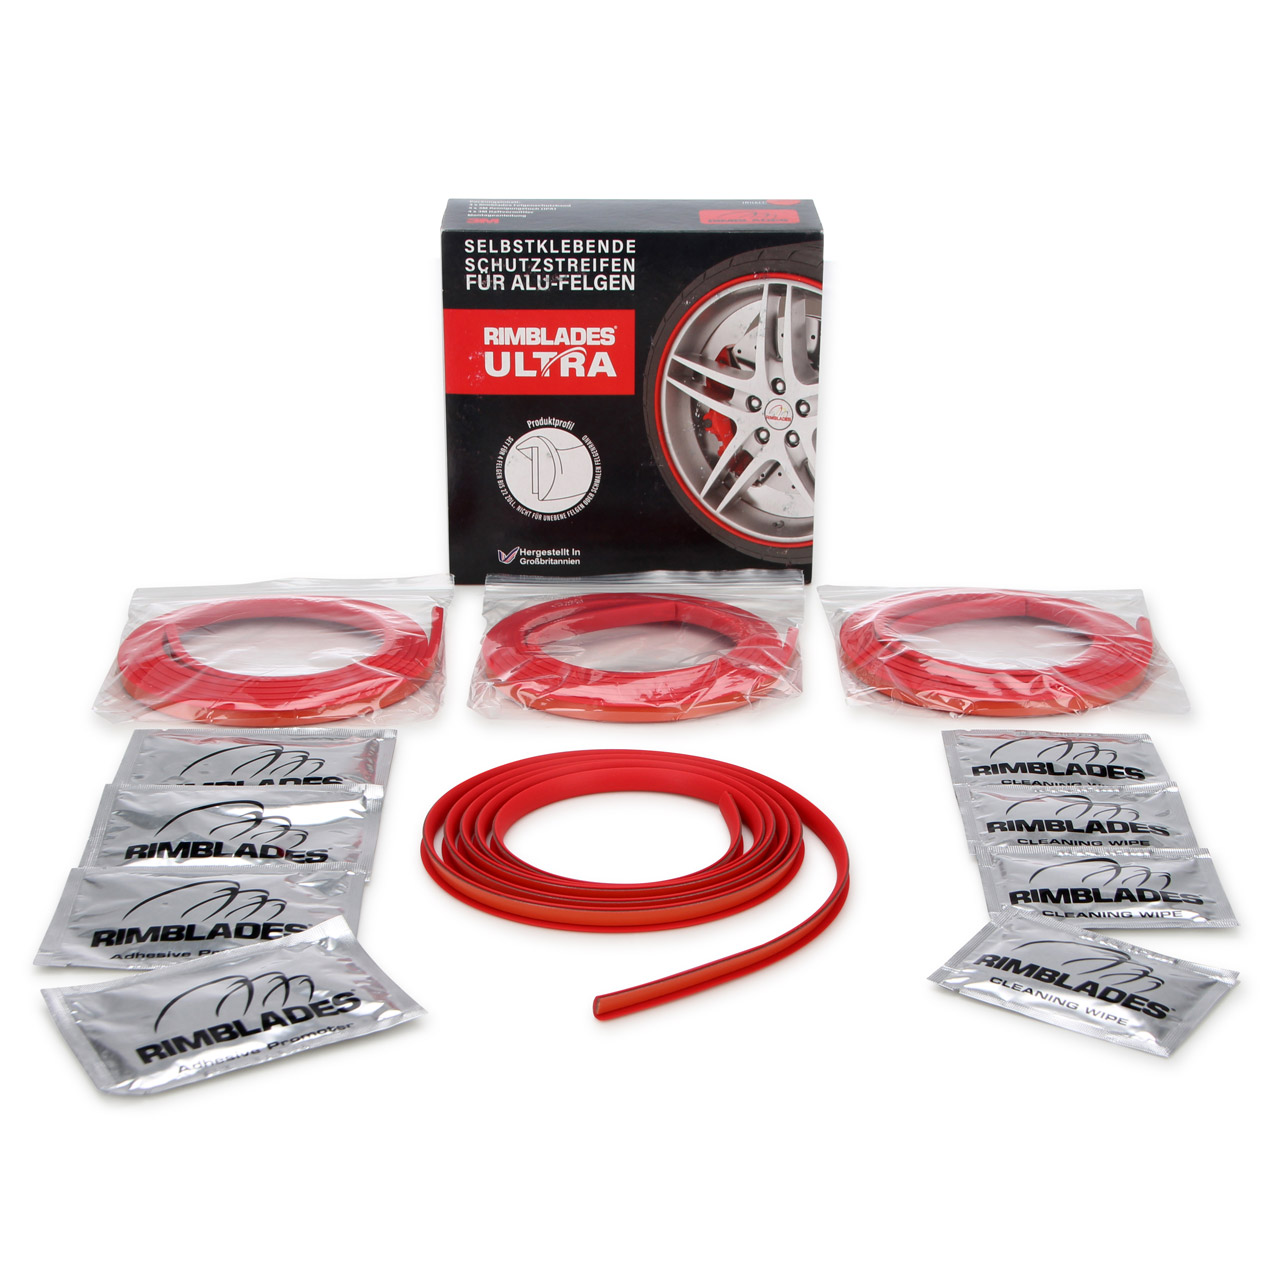 RIMBLADES Ultra Felgenschutz Felgenringe Rim Protector & Styling ROT bis 22 Zoll